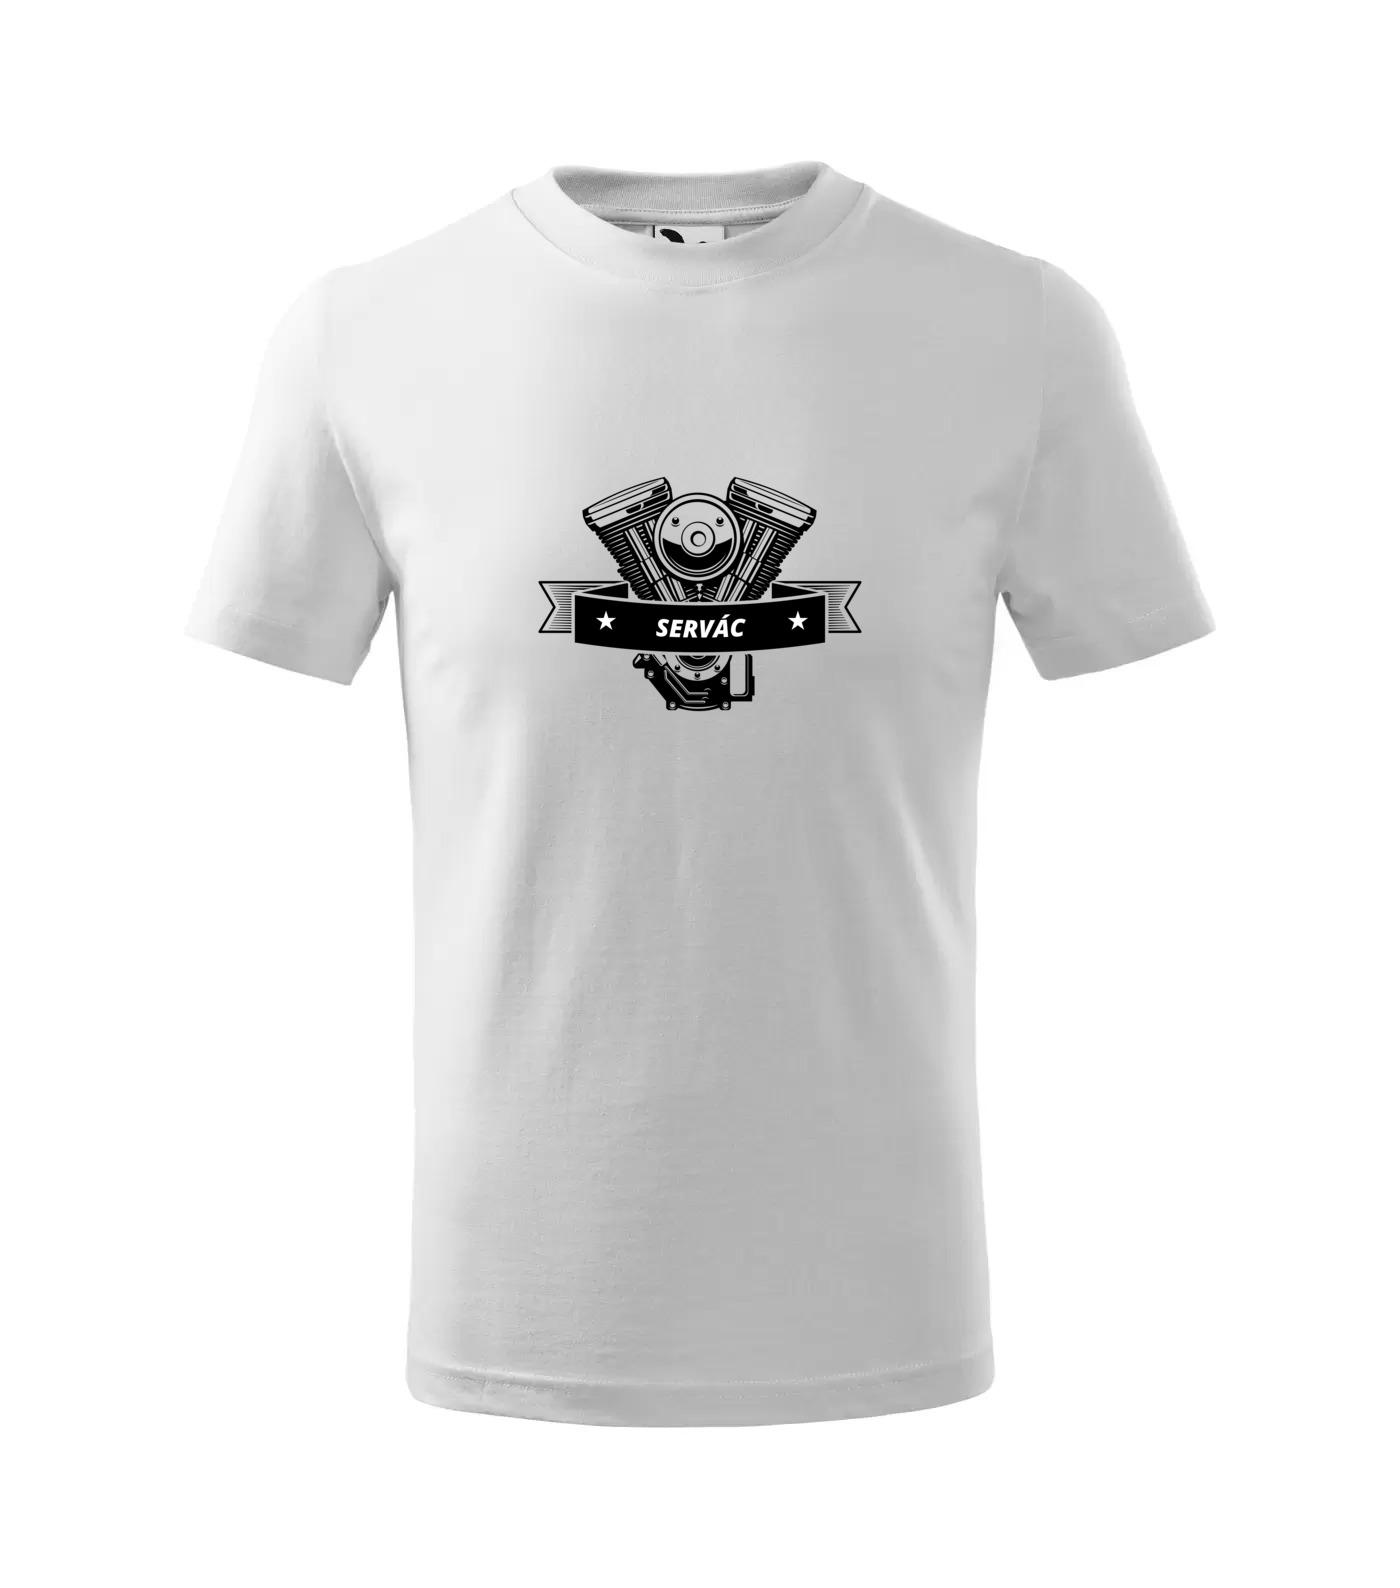 Tričko Motorkář Servác